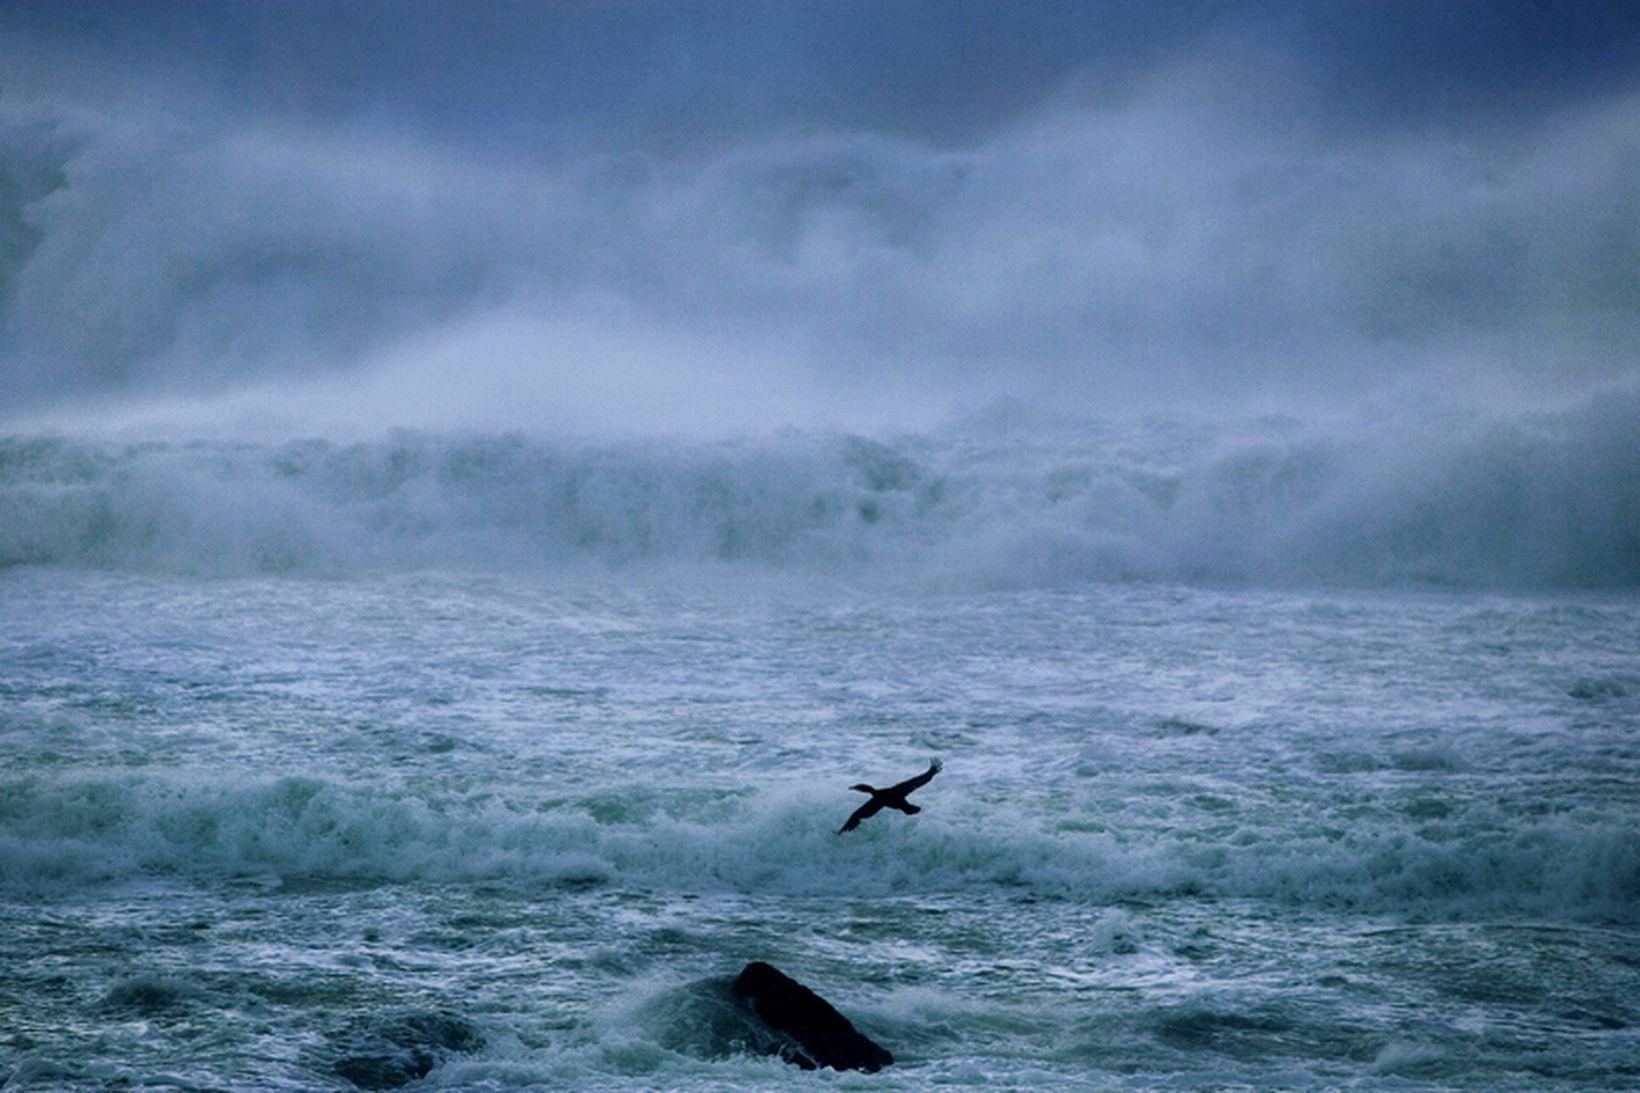 ASC vill útvega um 2 milljónum breskra heimila vistvæna orku.